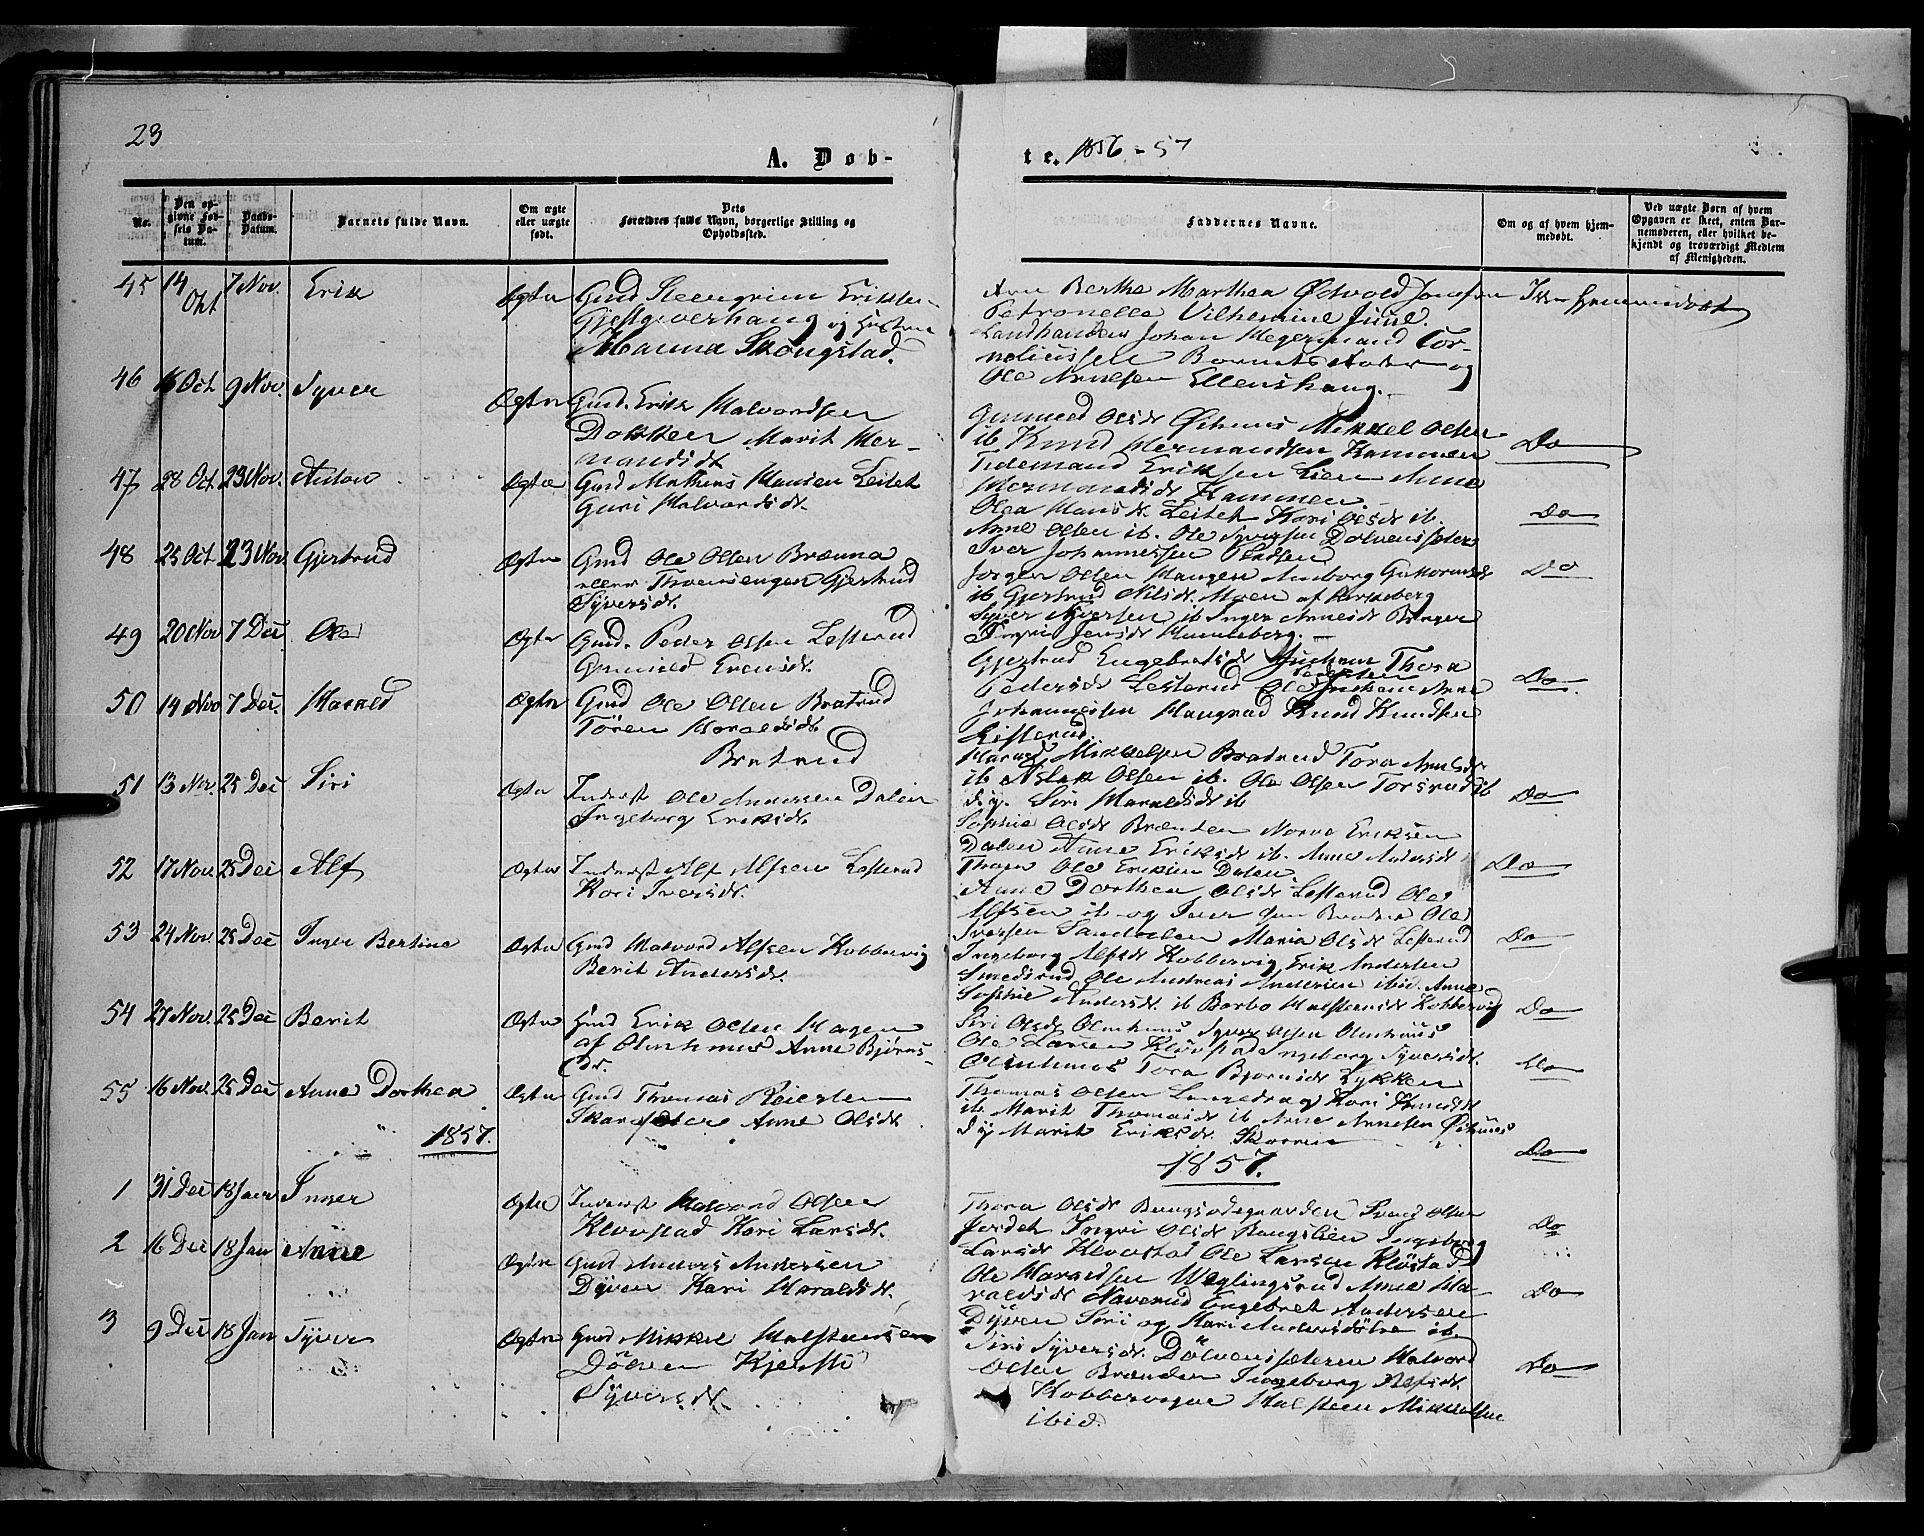 SAH, Sør-Aurdal prestekontor, Ministerialbok nr. 5, 1849-1876, s. 23